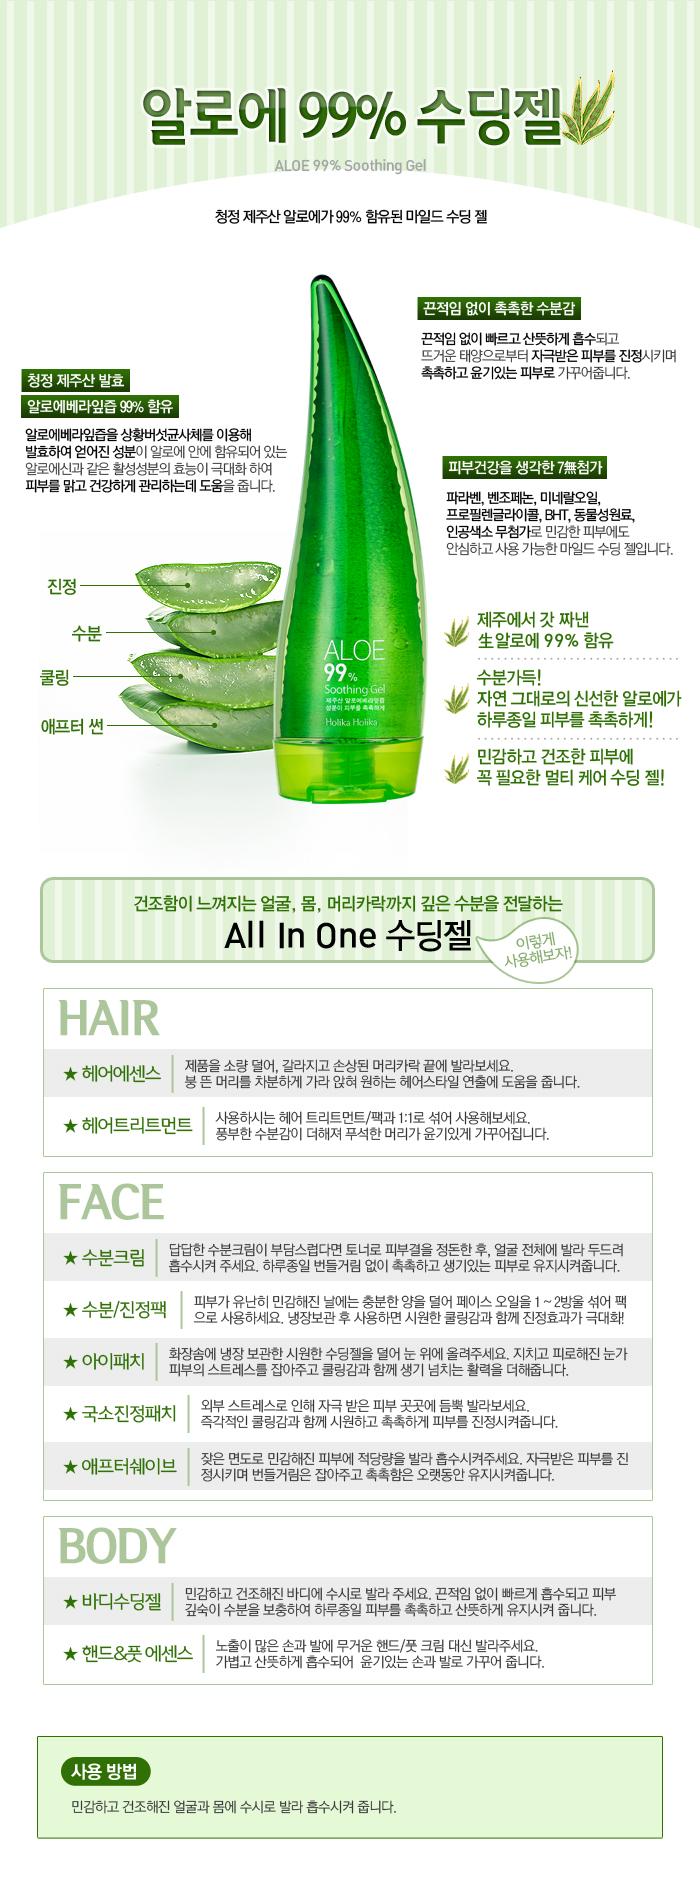 Aloe 99% Soothing Gel by holika holika #14